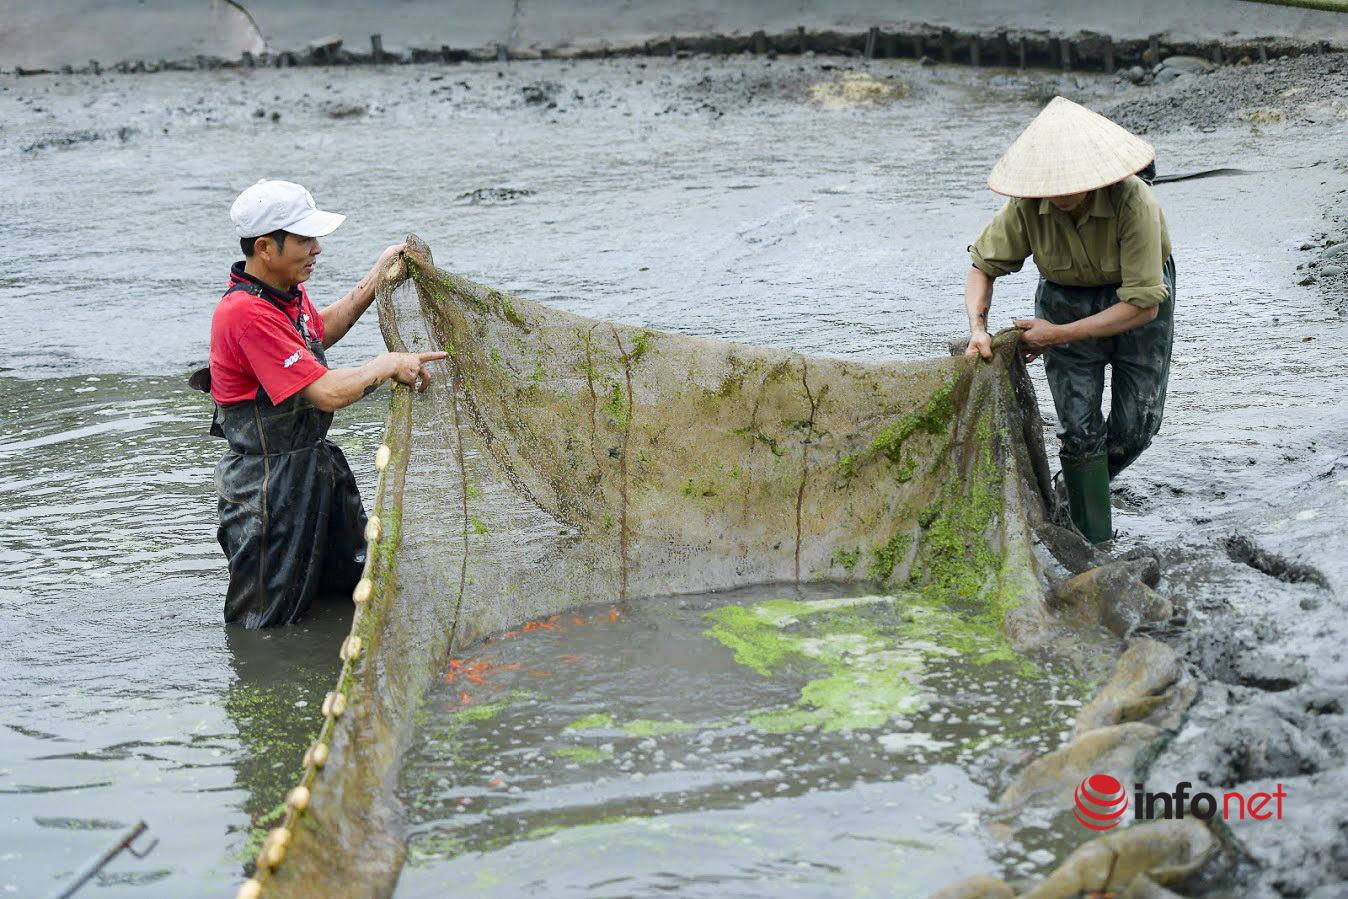 Làng cá chép đỏ lo mất trăm triệu vì dịch, phải phóng sinh hàng tấn cá